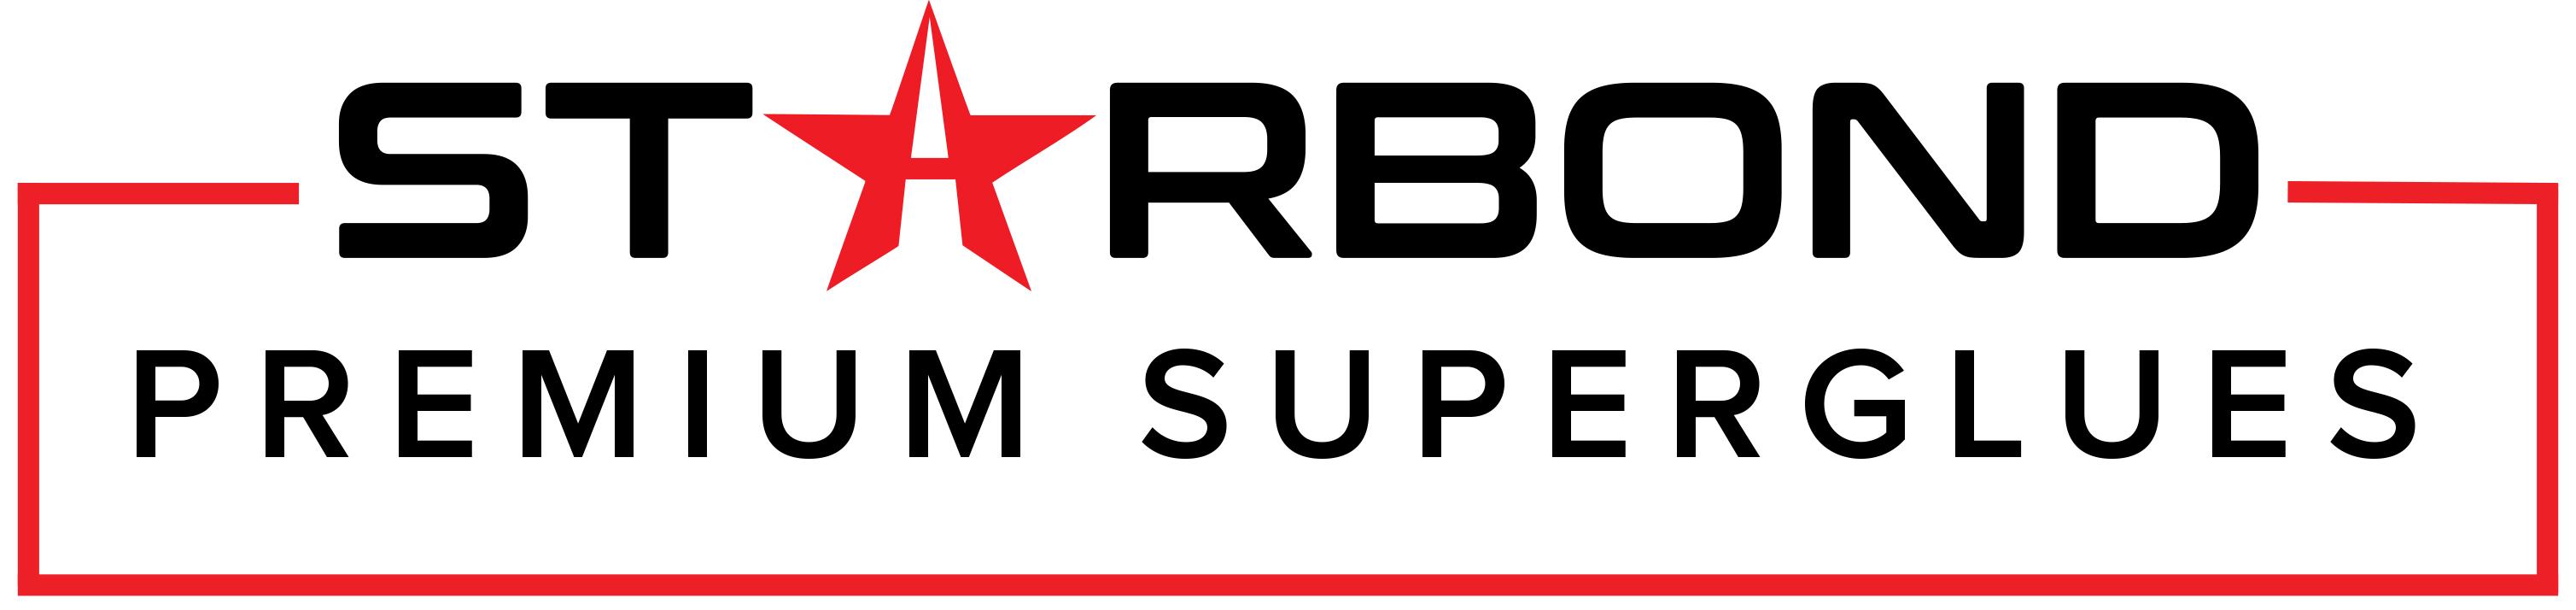 Starbond Premium Super Glues Logo